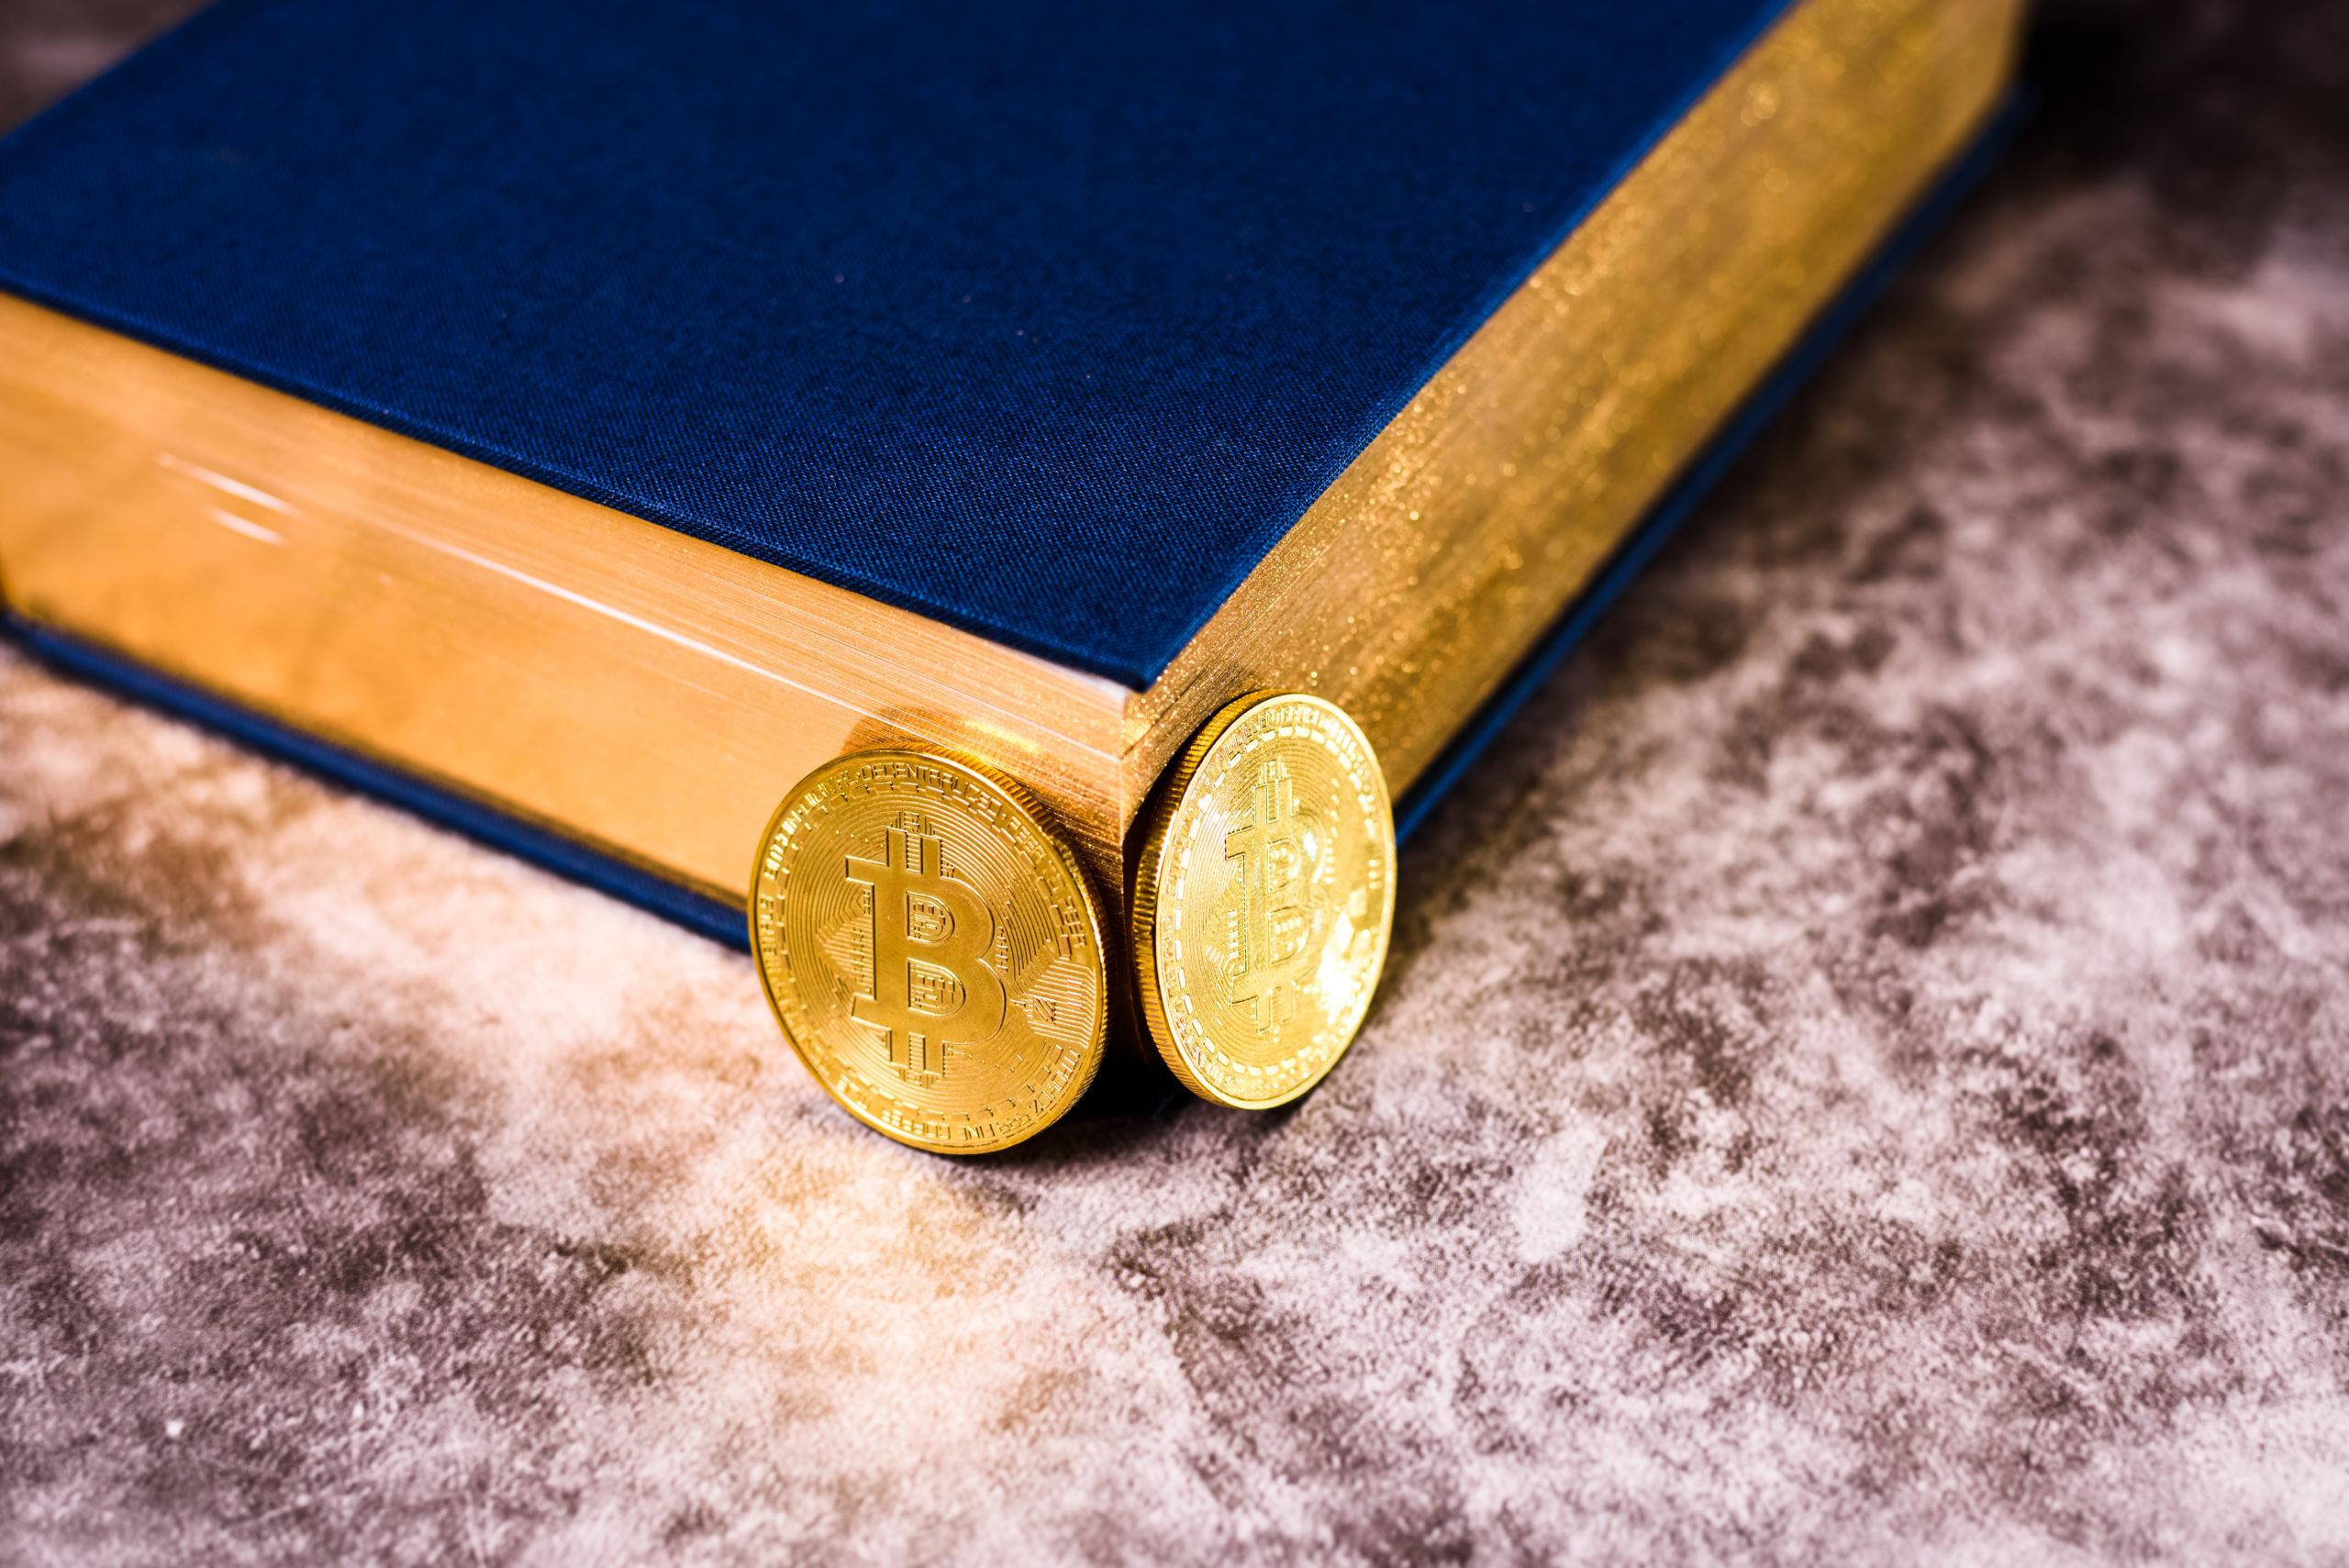 unlu analist planb onumuzdeki aylardaki bitcoin fiyat hedeflerini ve olasi fiyat katalizorlerini siraladi